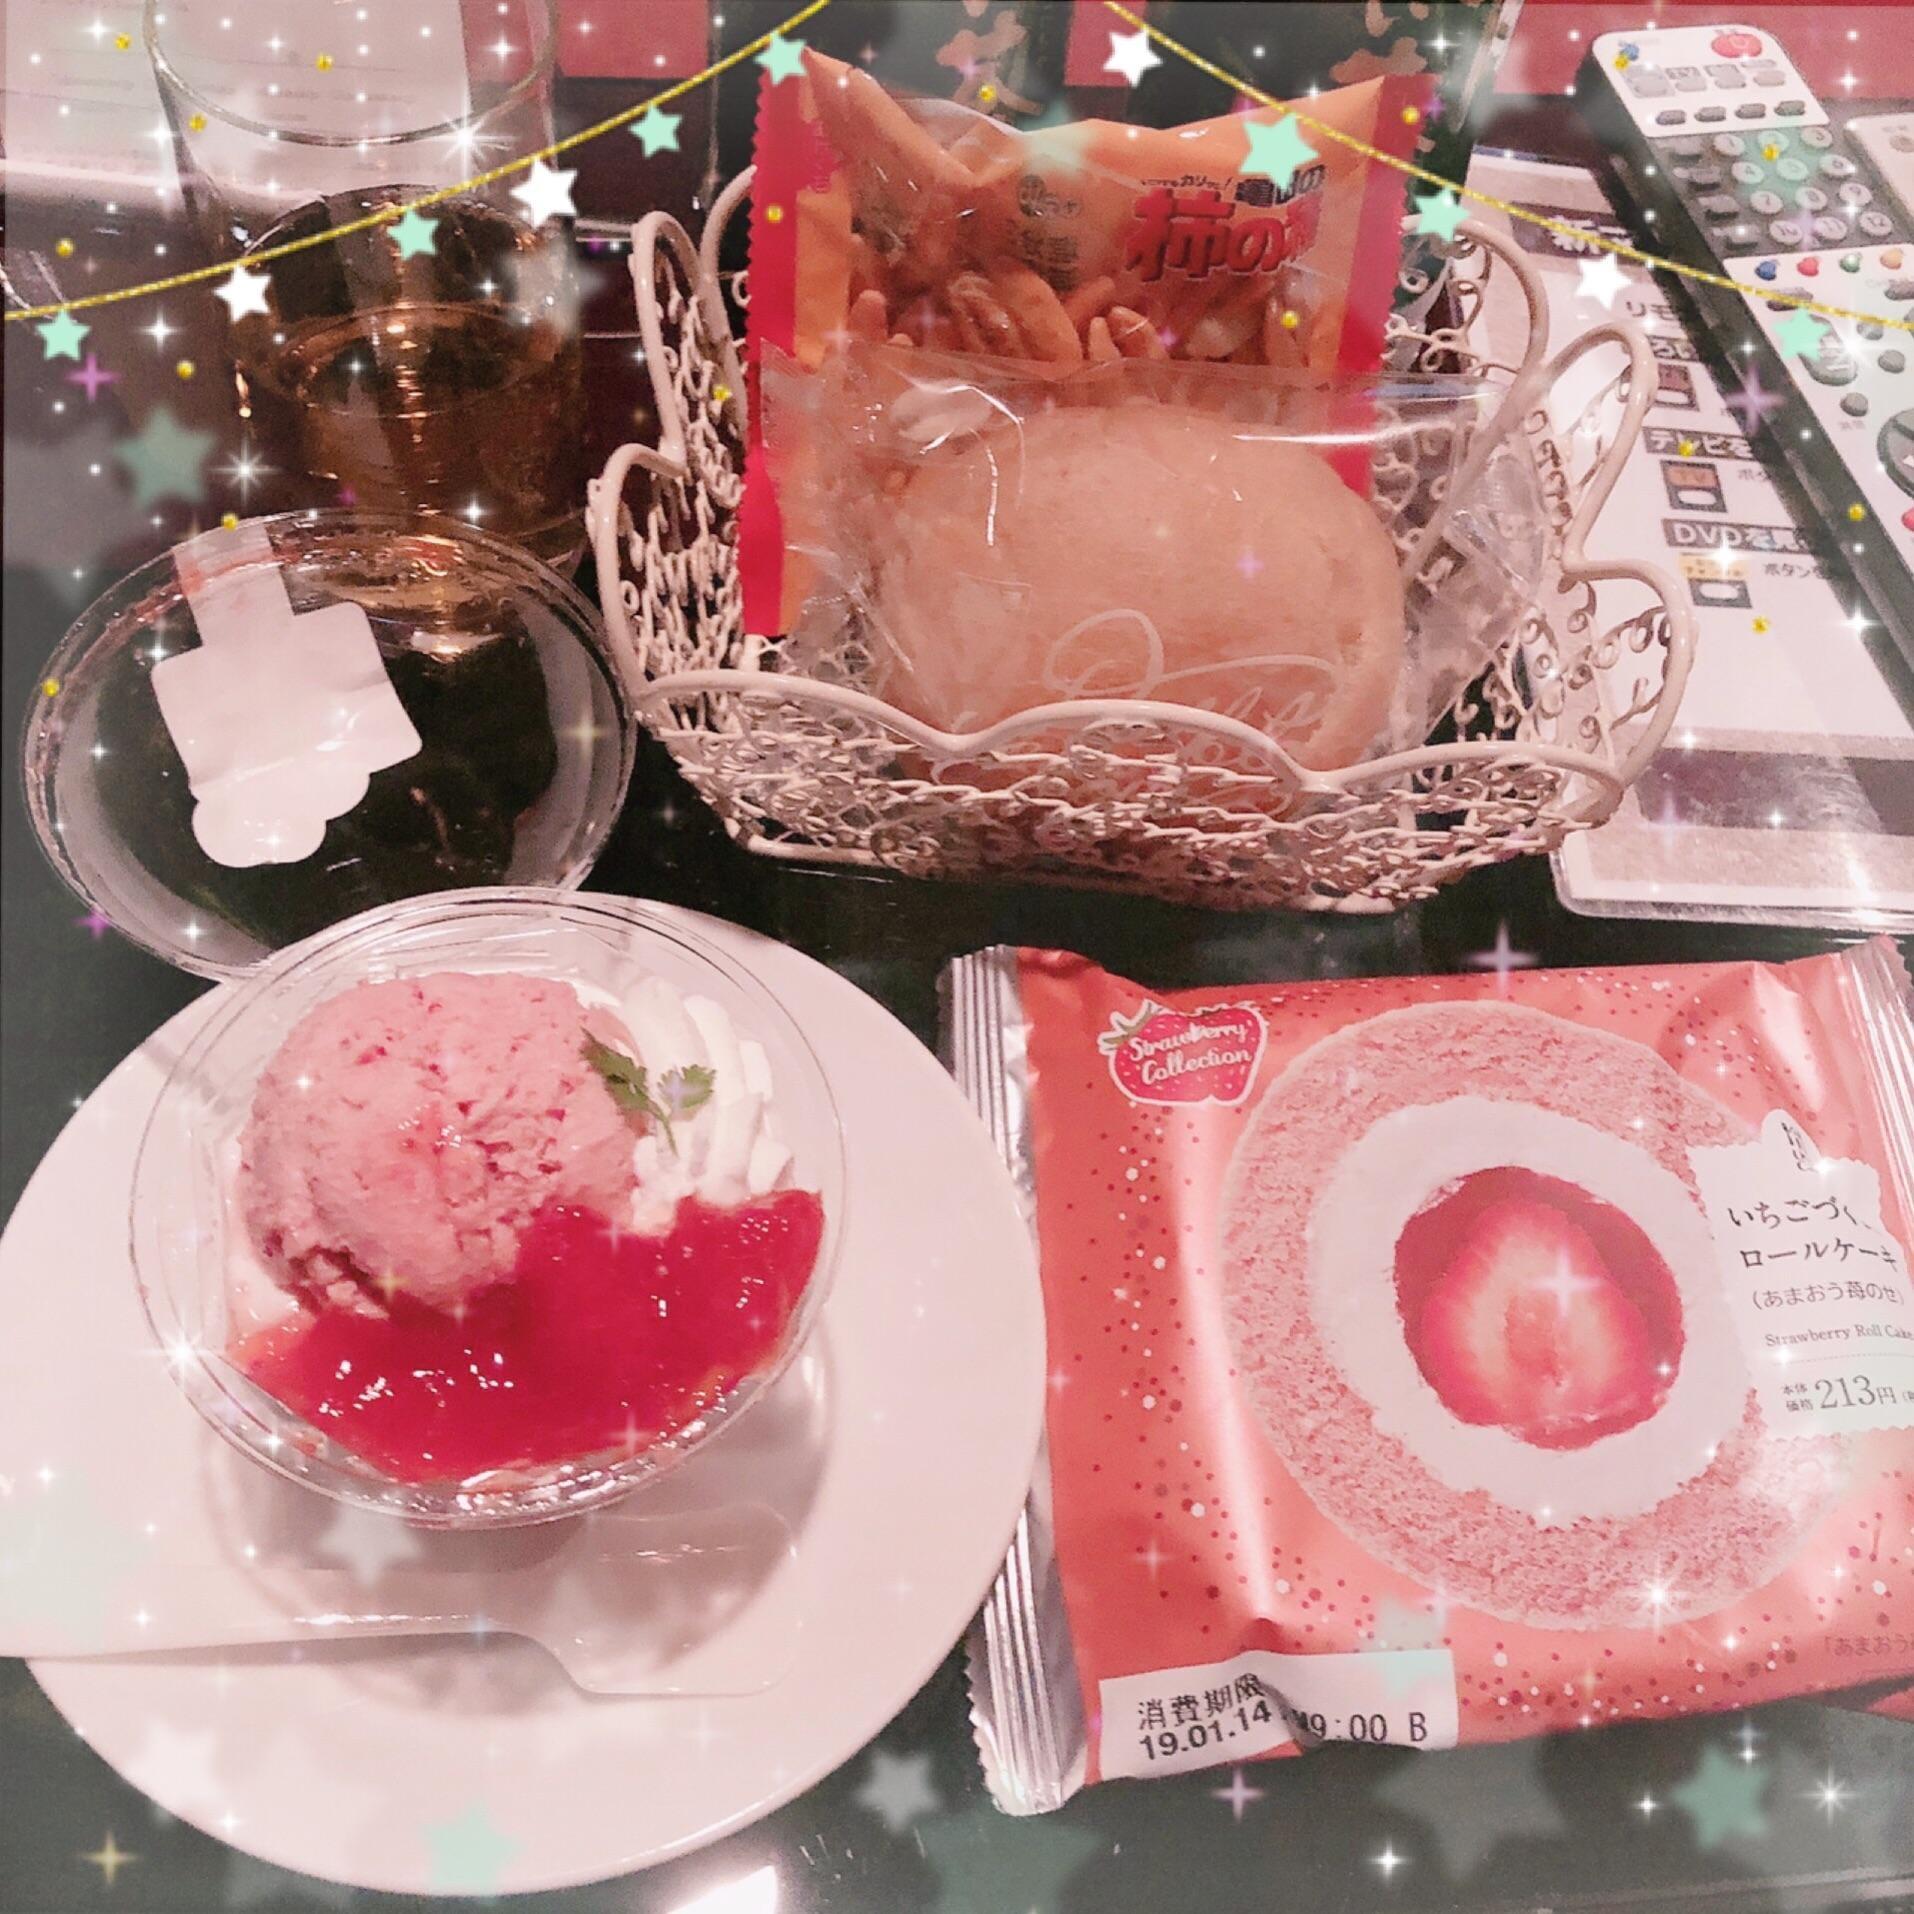 「?お礼日記?」01/16(01/16) 22:56 | れいこ☆憧れの綺麗×清楚☆の写メ・風俗動画